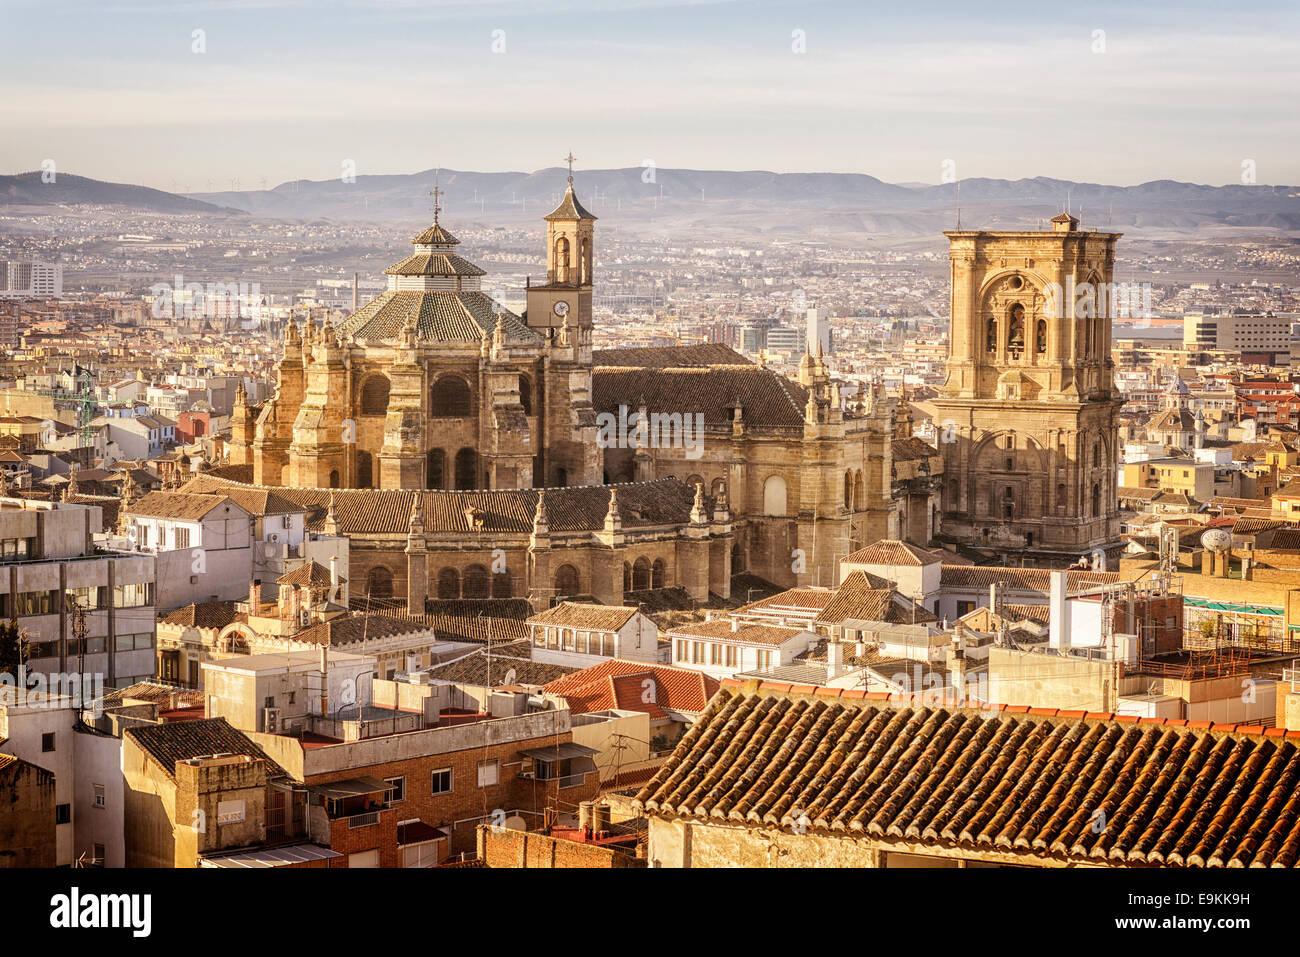 Granada, Cathedral, Santa Iglesia Catedral Metropolitana de la Encarnación de Granada, Cathedral of the Incarnation - Stock Image